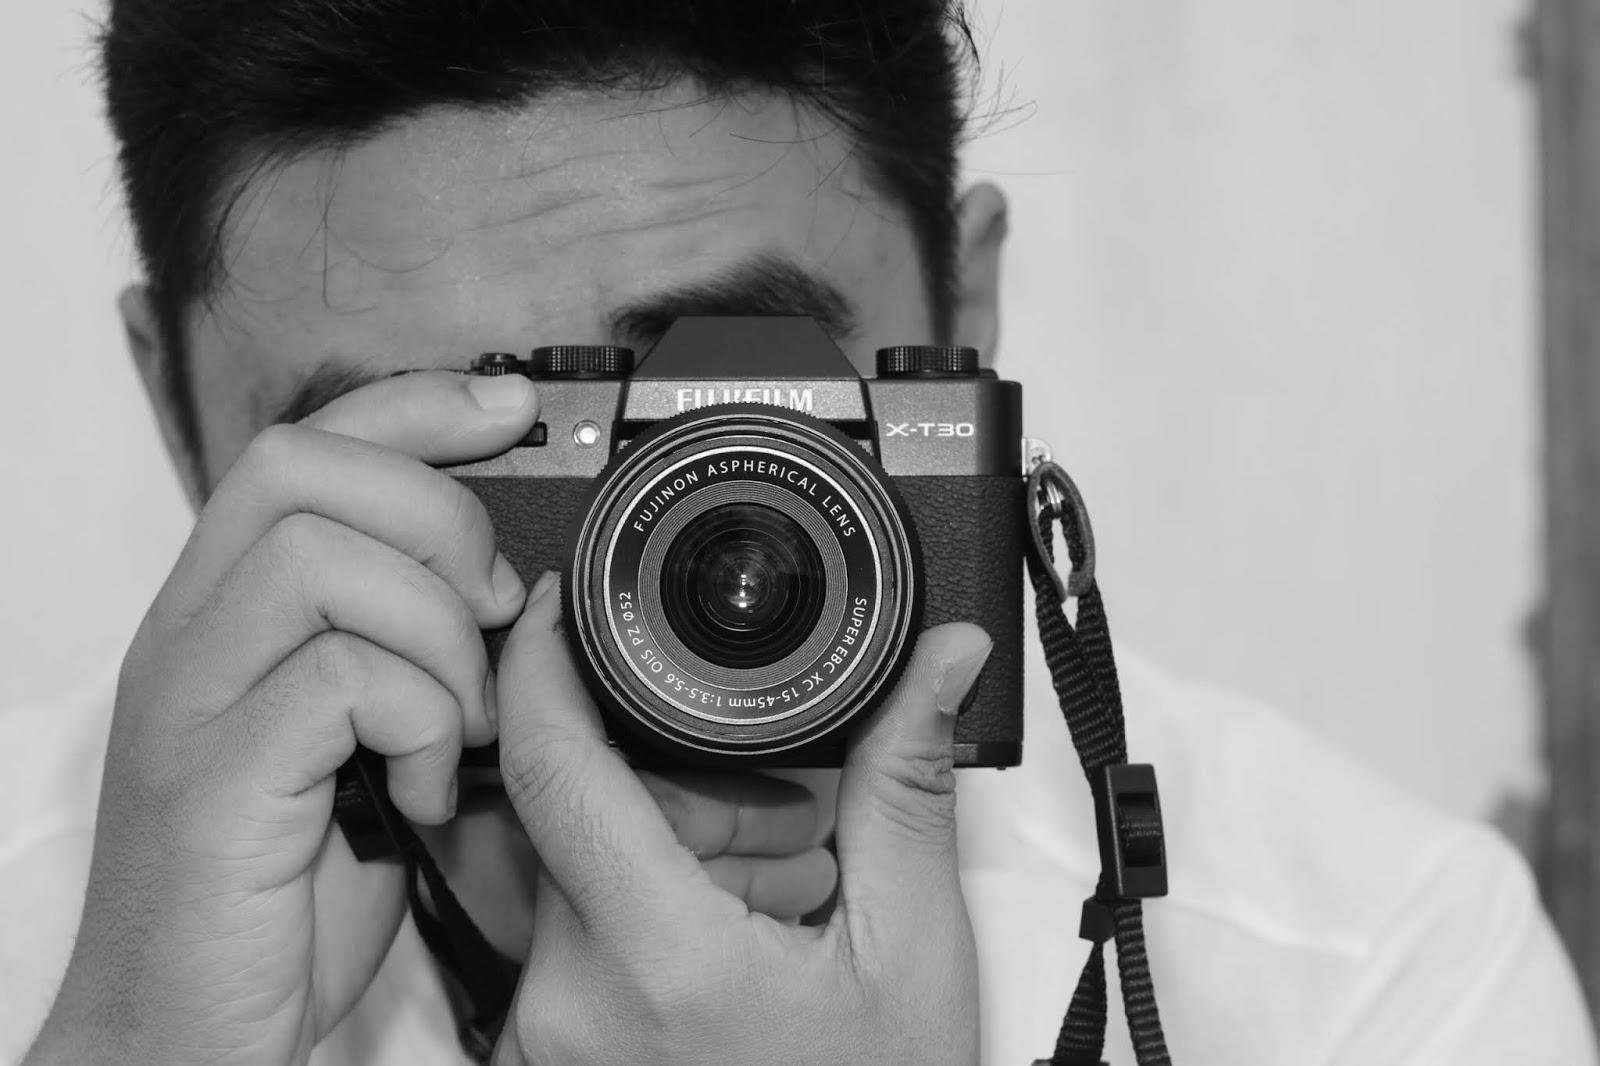 Đánh giá Fujifilm XT30 – máy ảnh tốt nhất cho du lịch ?